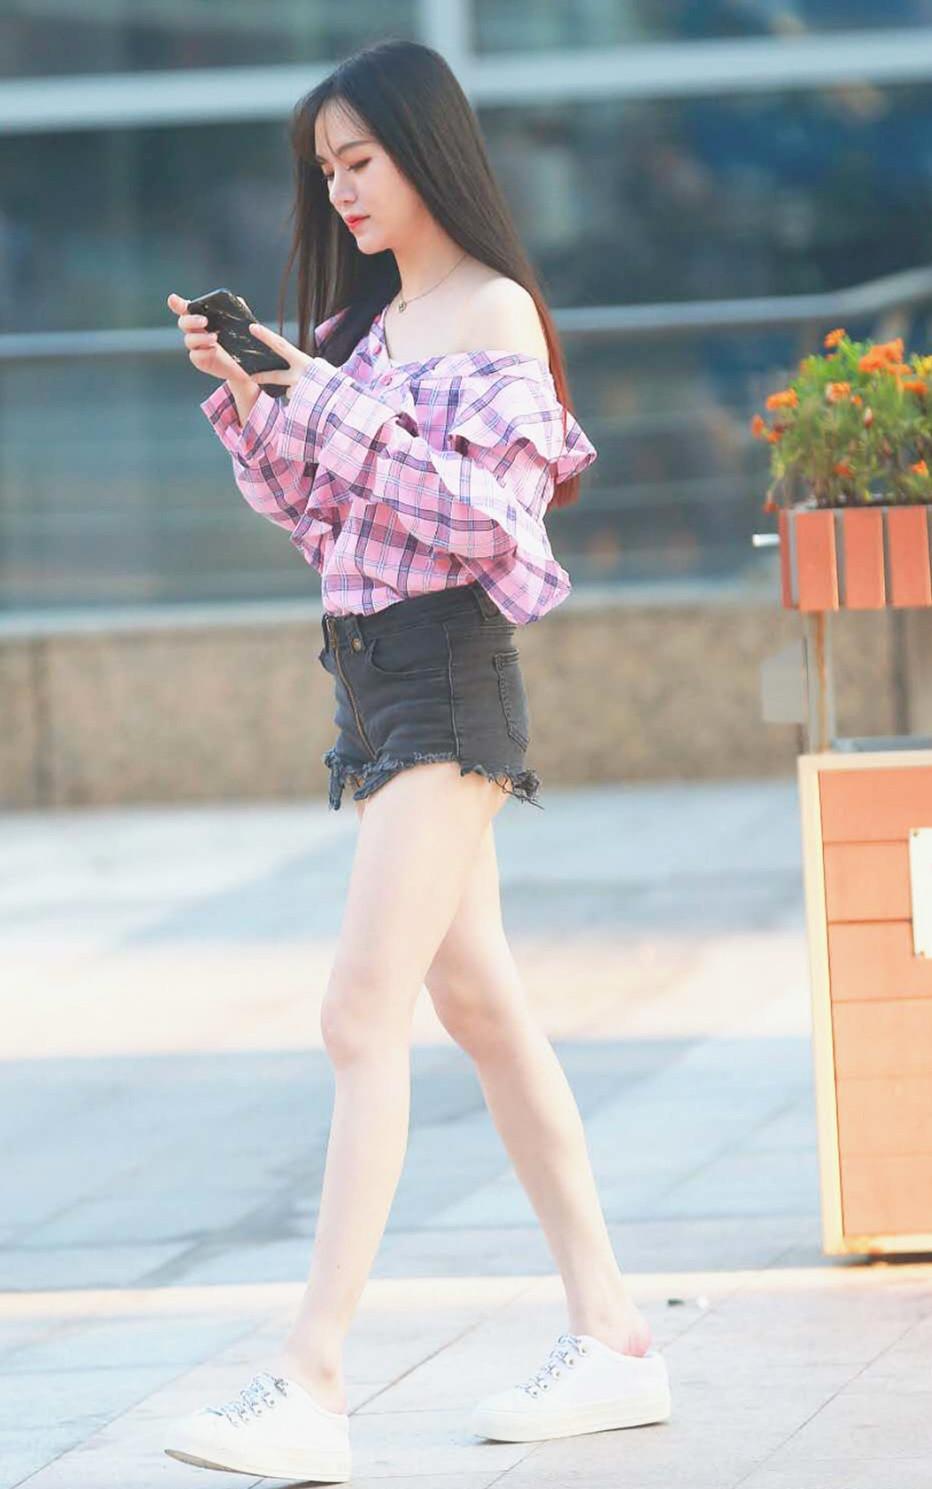 小美女露肩上衣配短裤,纤细大长腿,青春时尚.